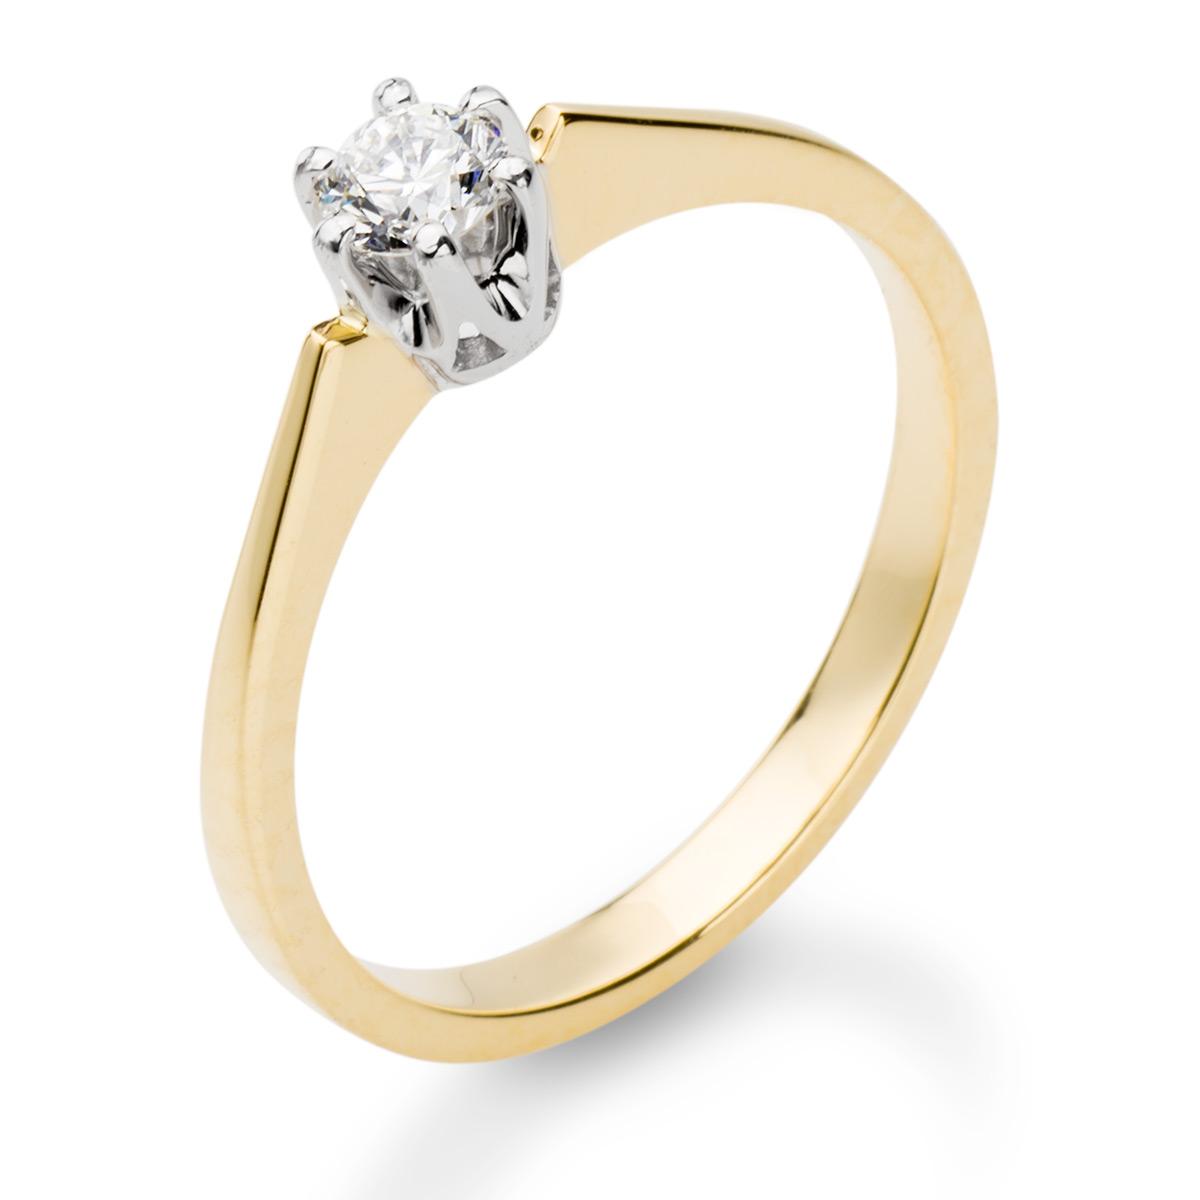 Zaręczynowy Złoty Pierścionek Z Brylantem 023ct Hvs2